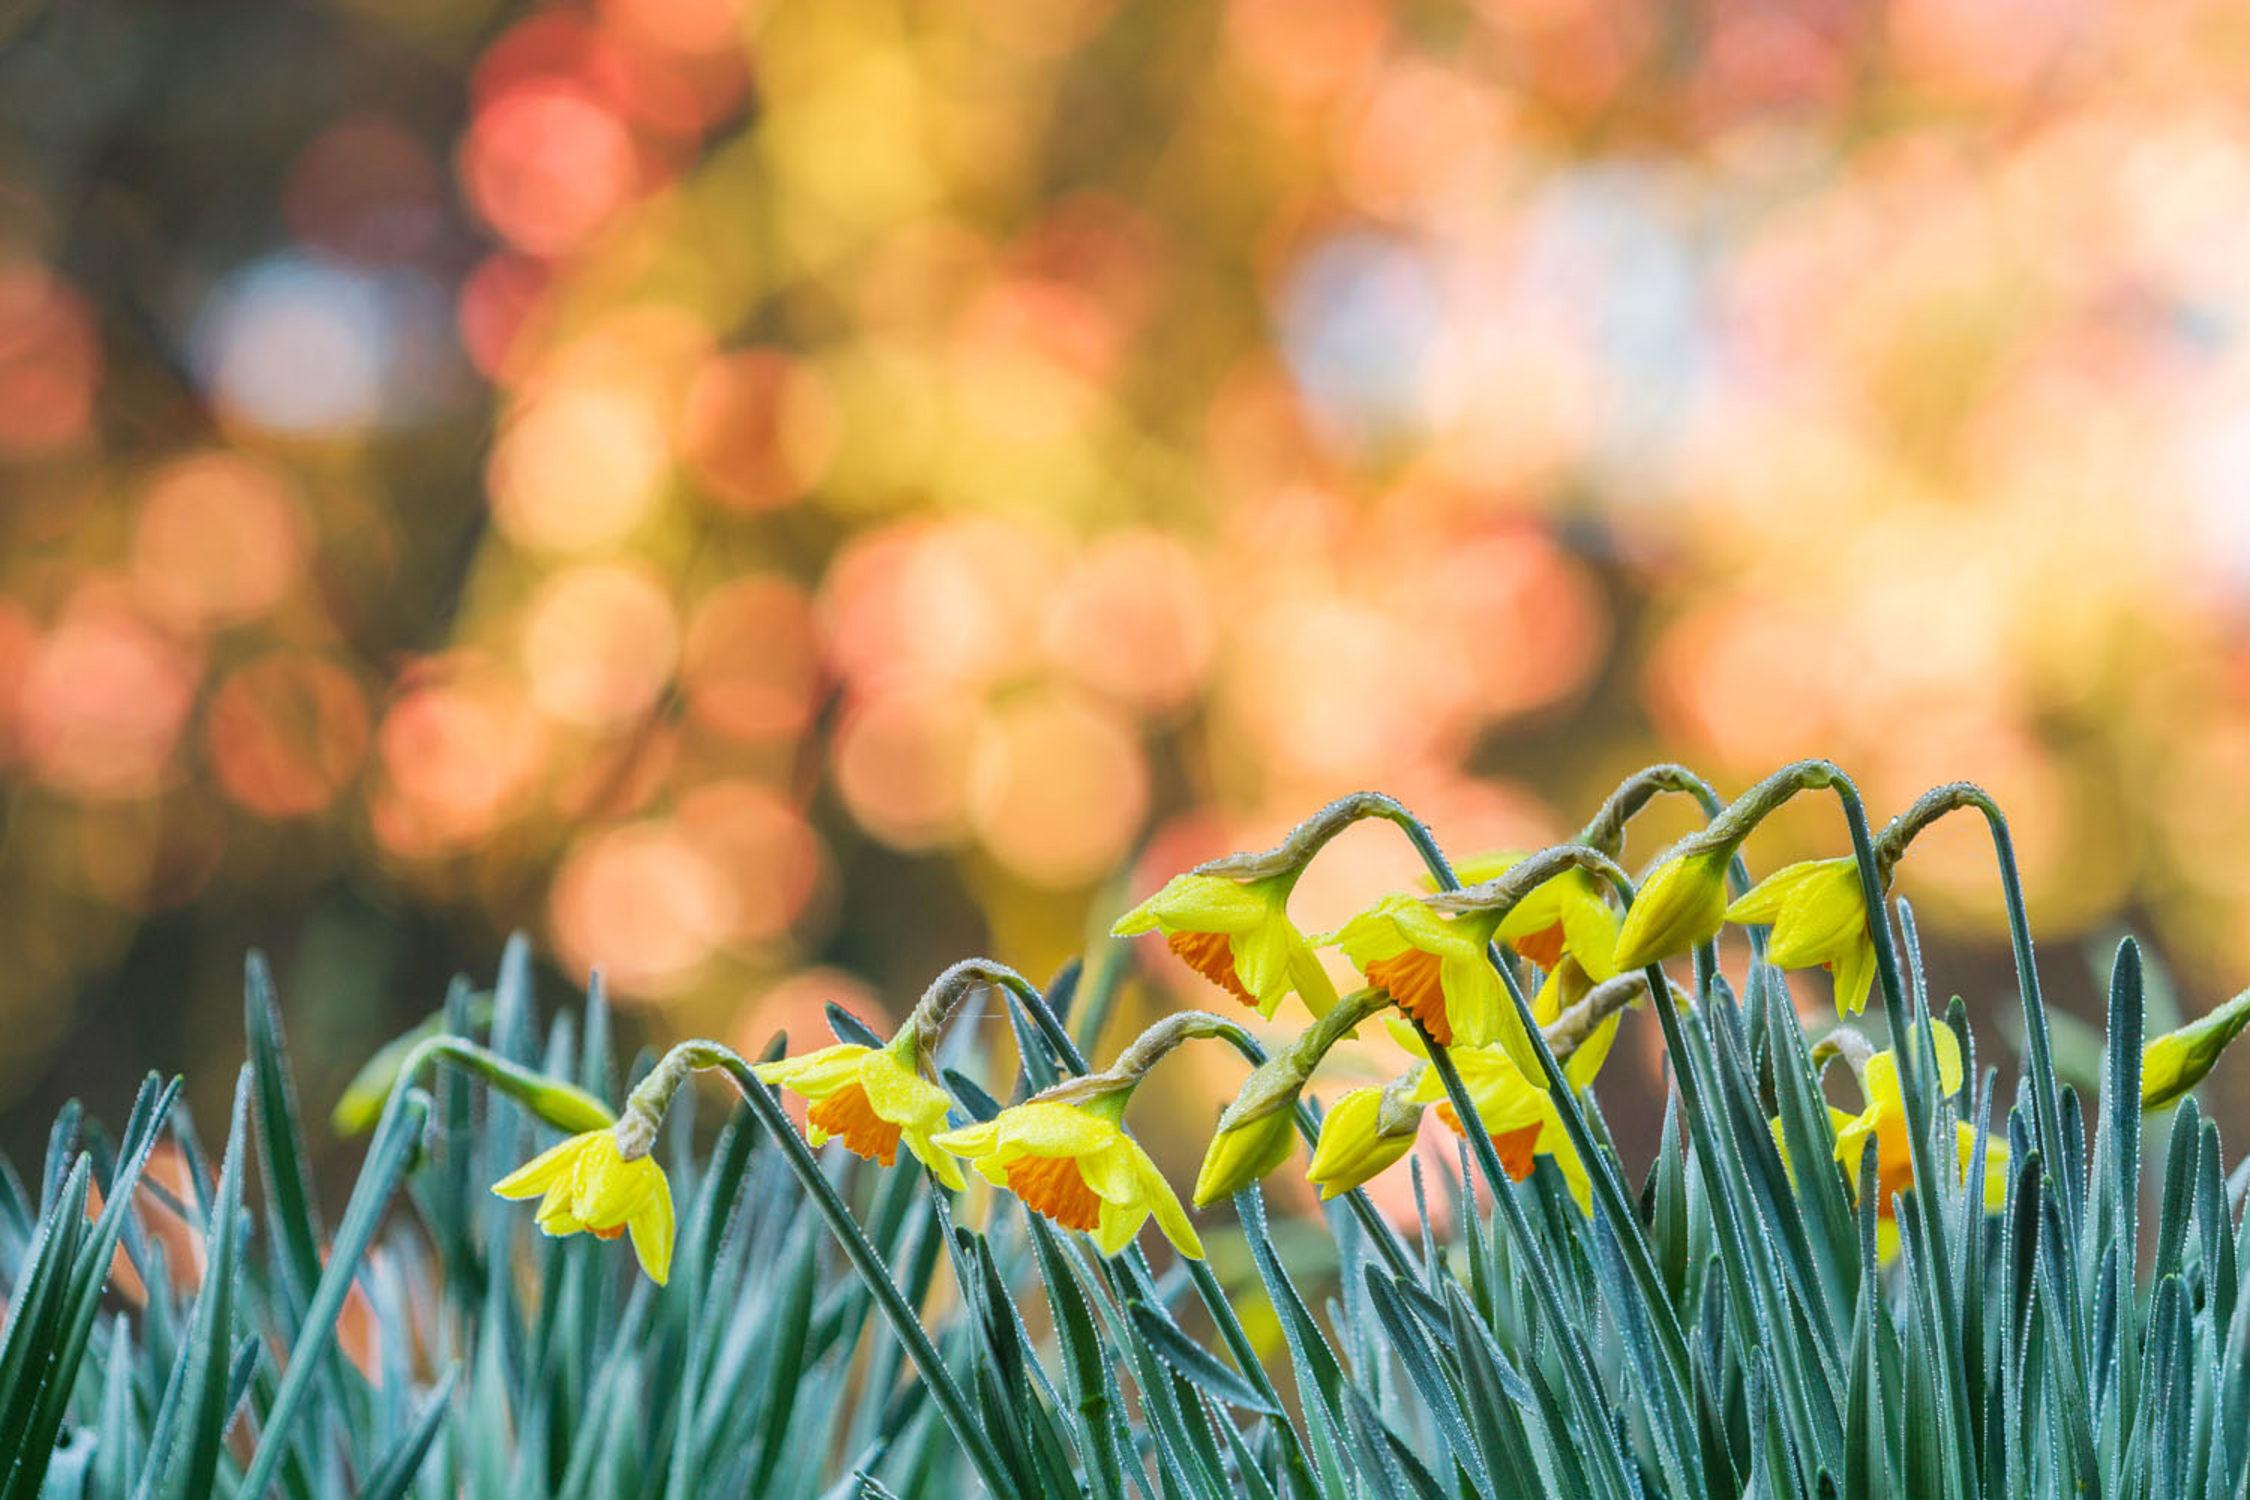 Cornwall's Spring Story Begins...